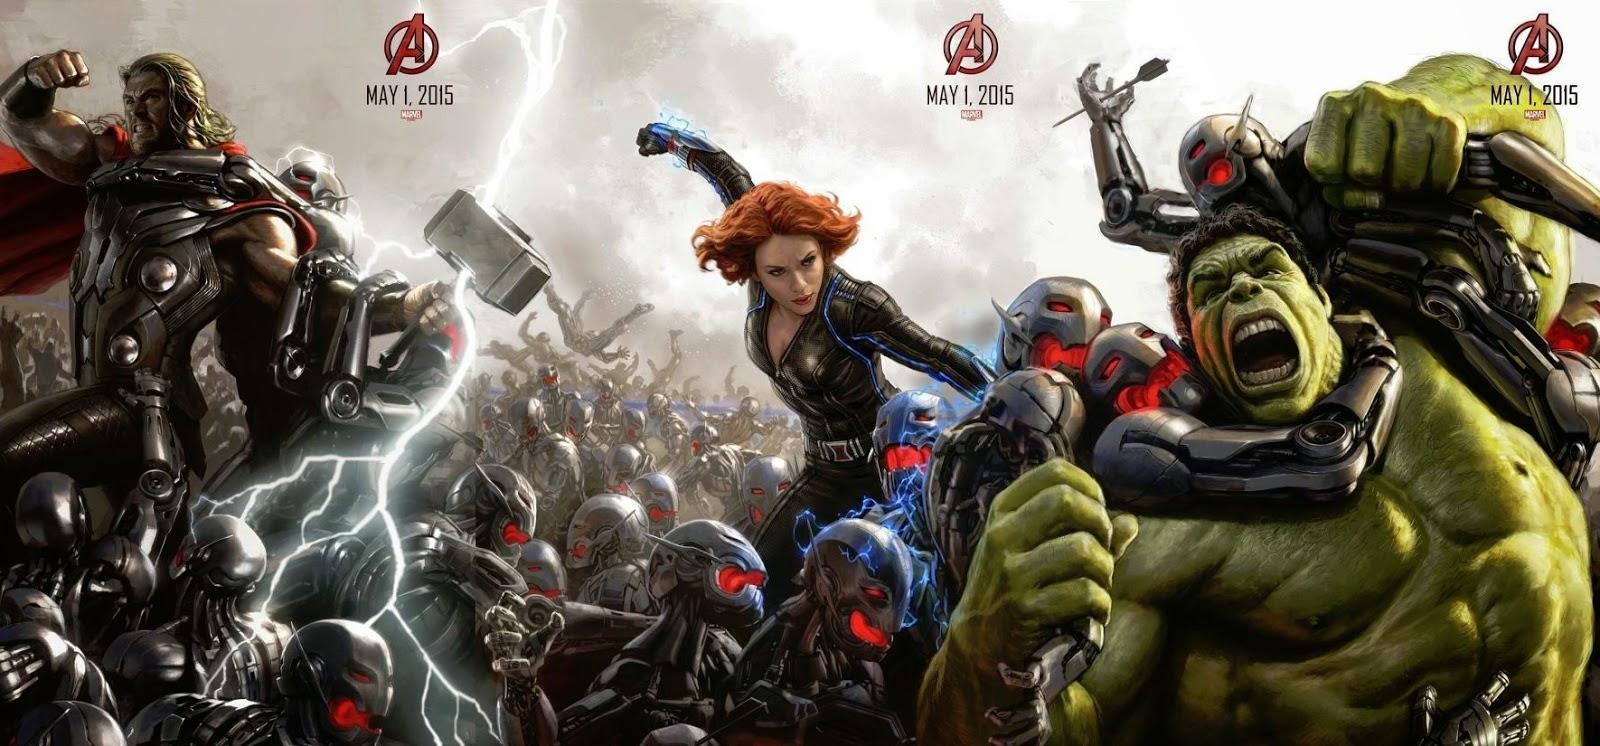 Punho da Hulkbuster, escudo do Capitão América quebrado e Ultron em imagens de Os Vingadores 2